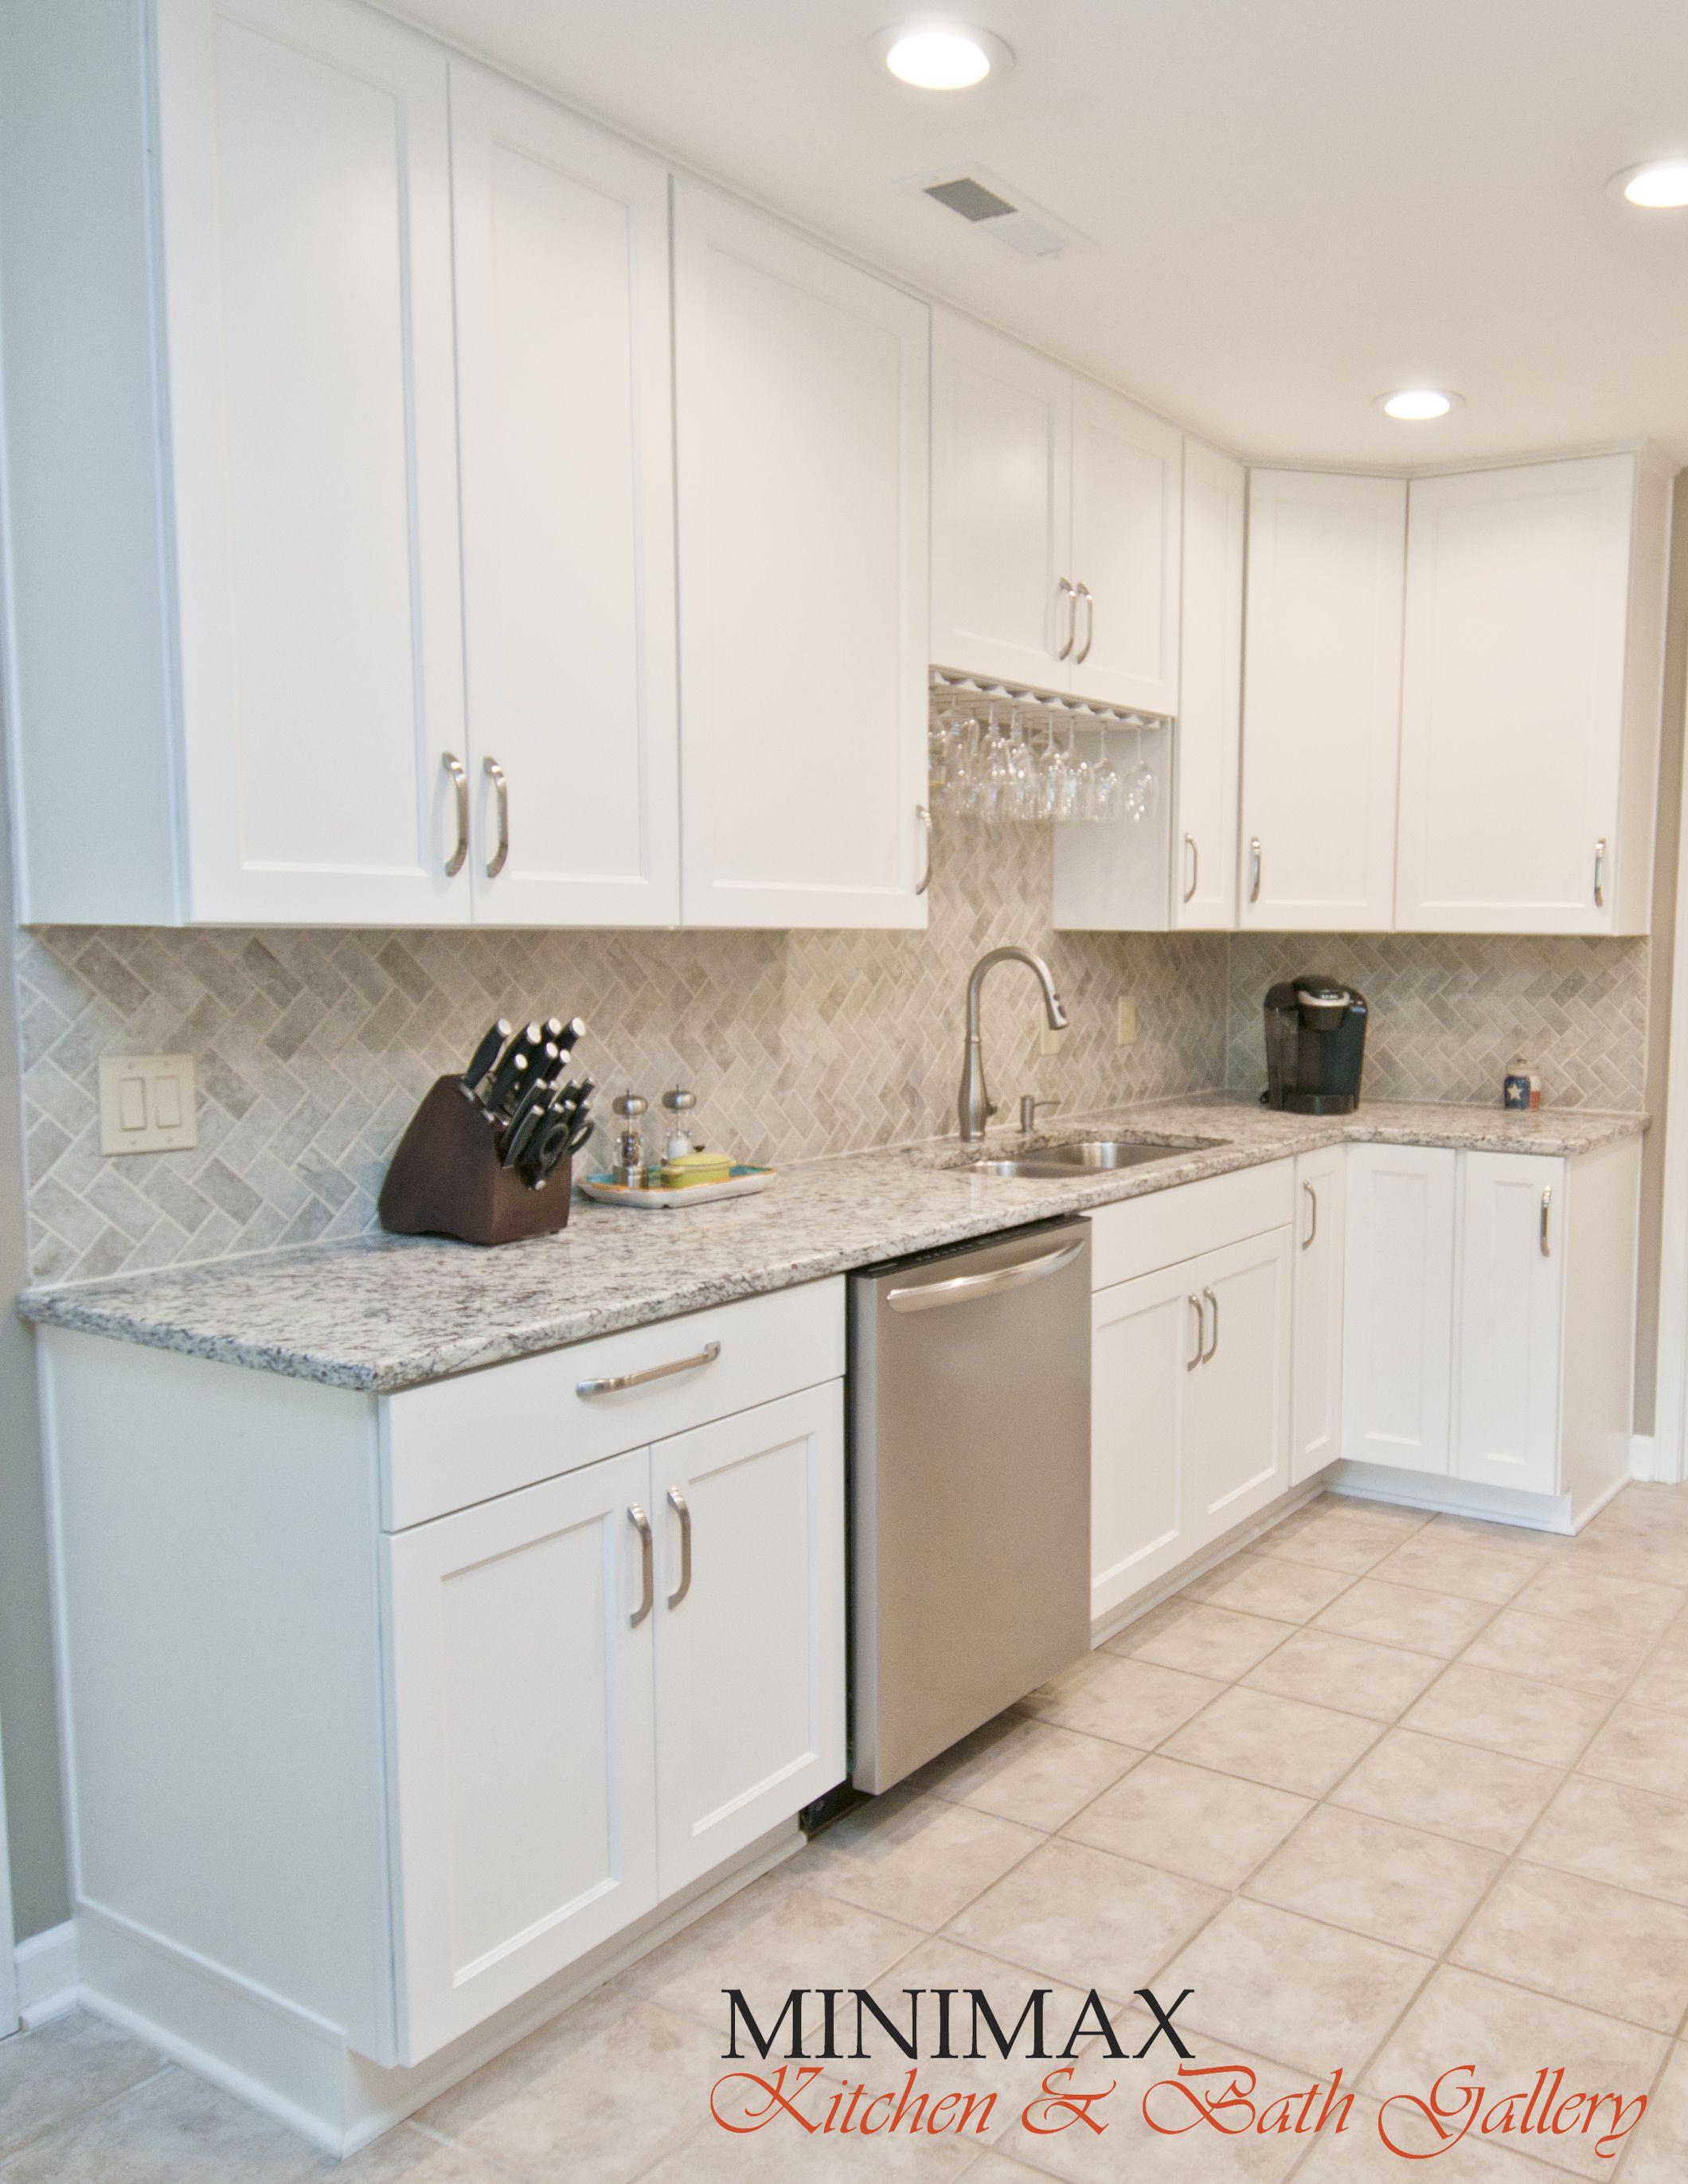 Kitchen Remodels - MiniMax Kitchen and Bath Gallery